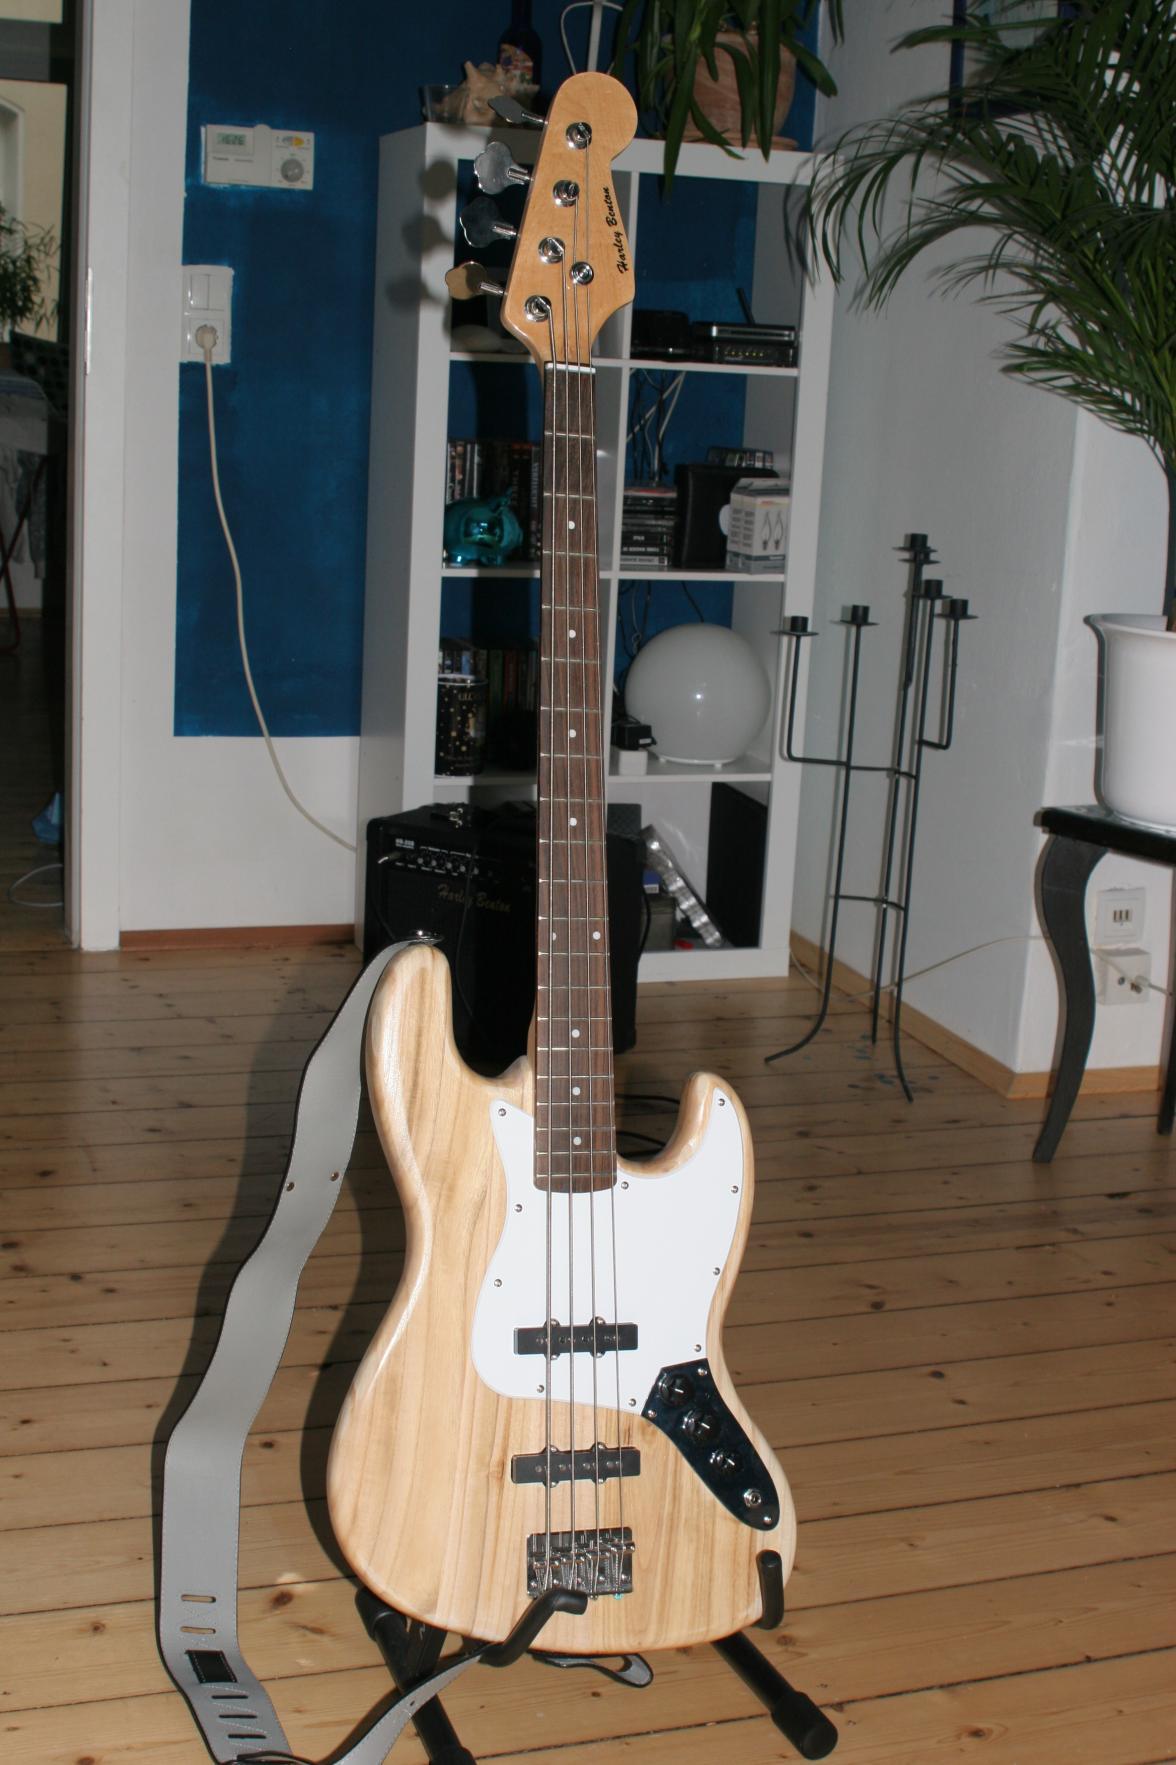 Ausgezeichnet Verkabelung Jazz Bass Bilder - Elektrische Schaltplan ...